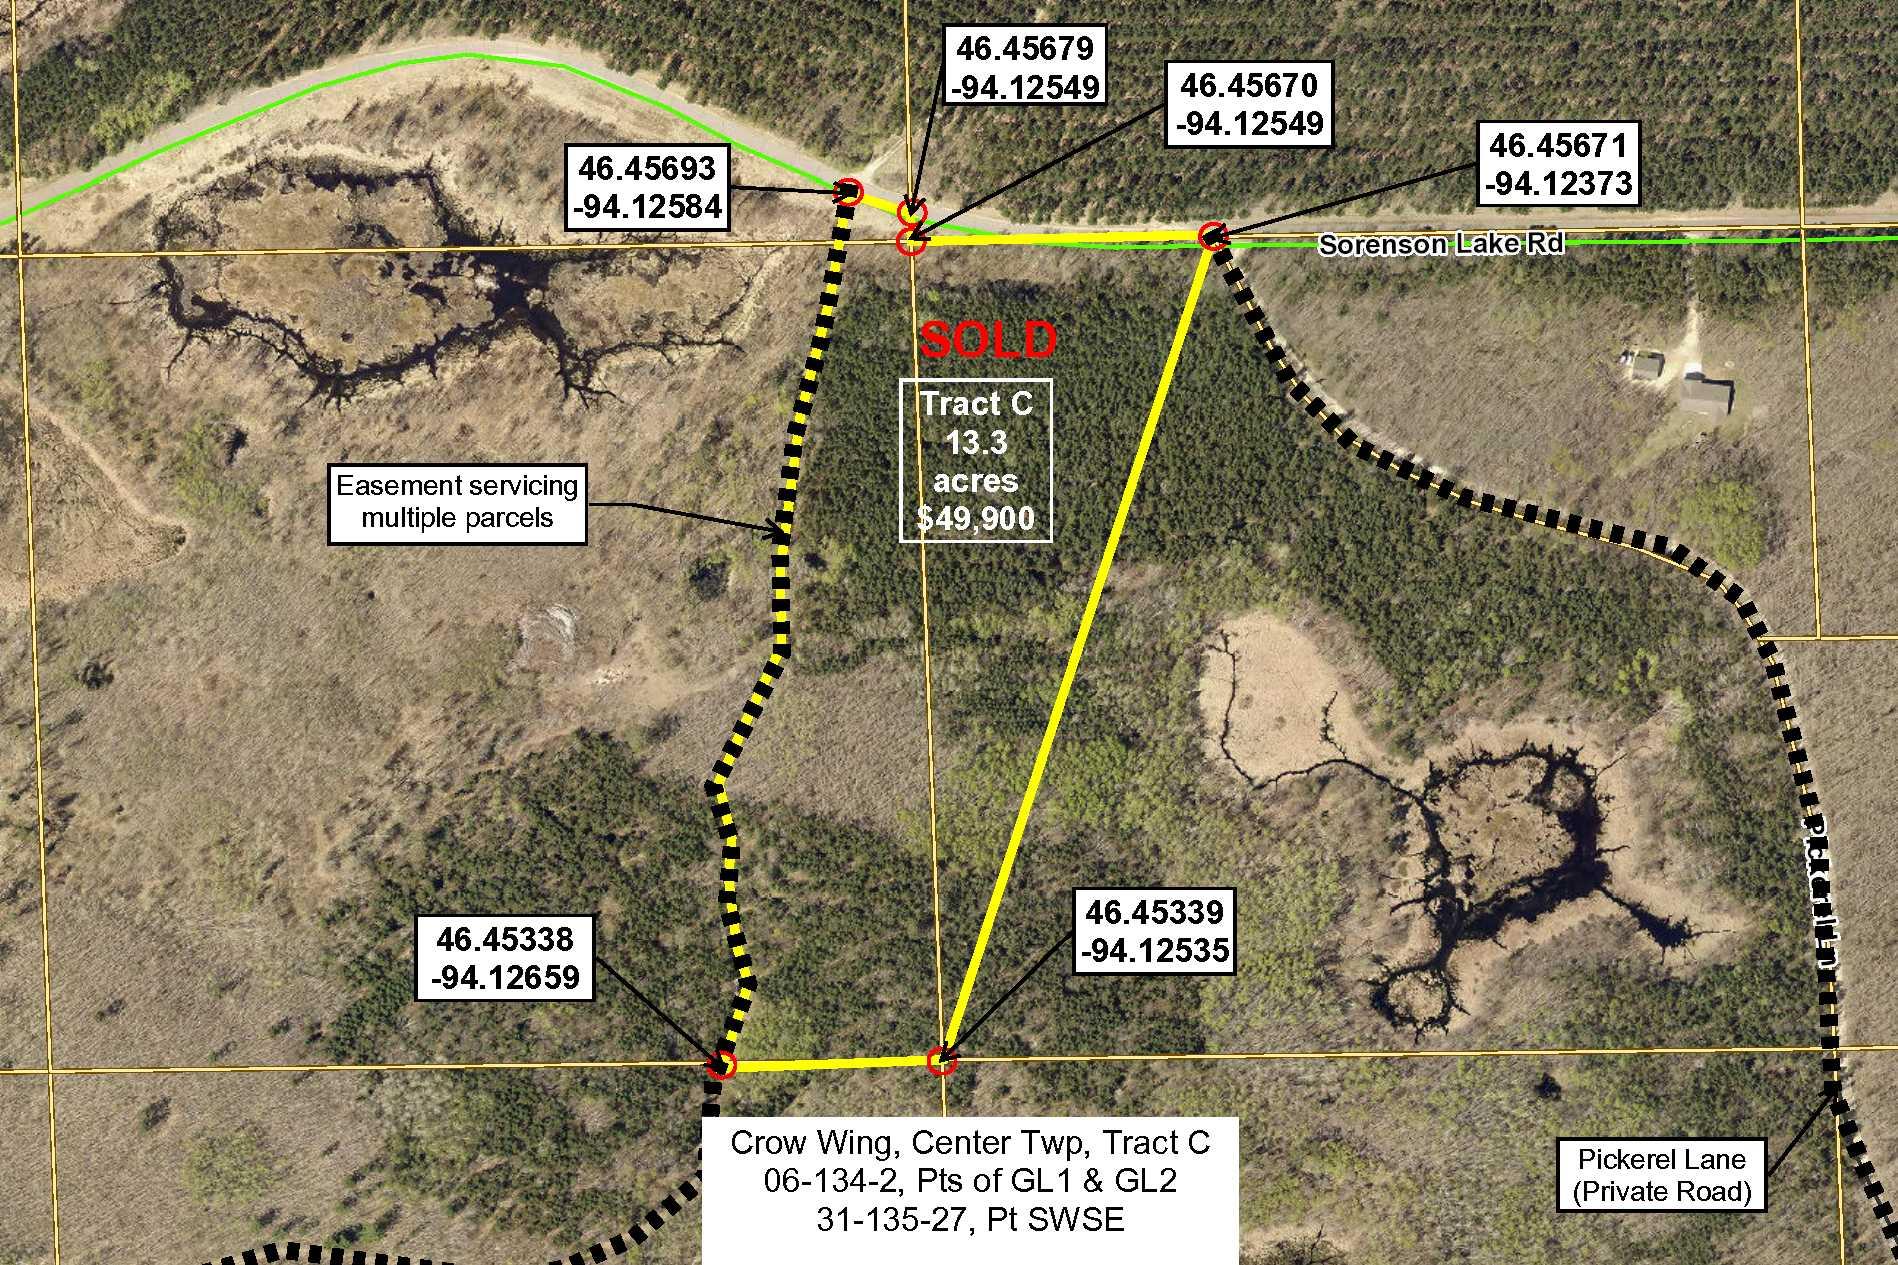 Tract C, Pt GL1(NENE) & Pt GL2(NWNE), 06-134-27  AND Pt SWSE, 31-135-27, Sorenson Lk Rd, Merrifield,